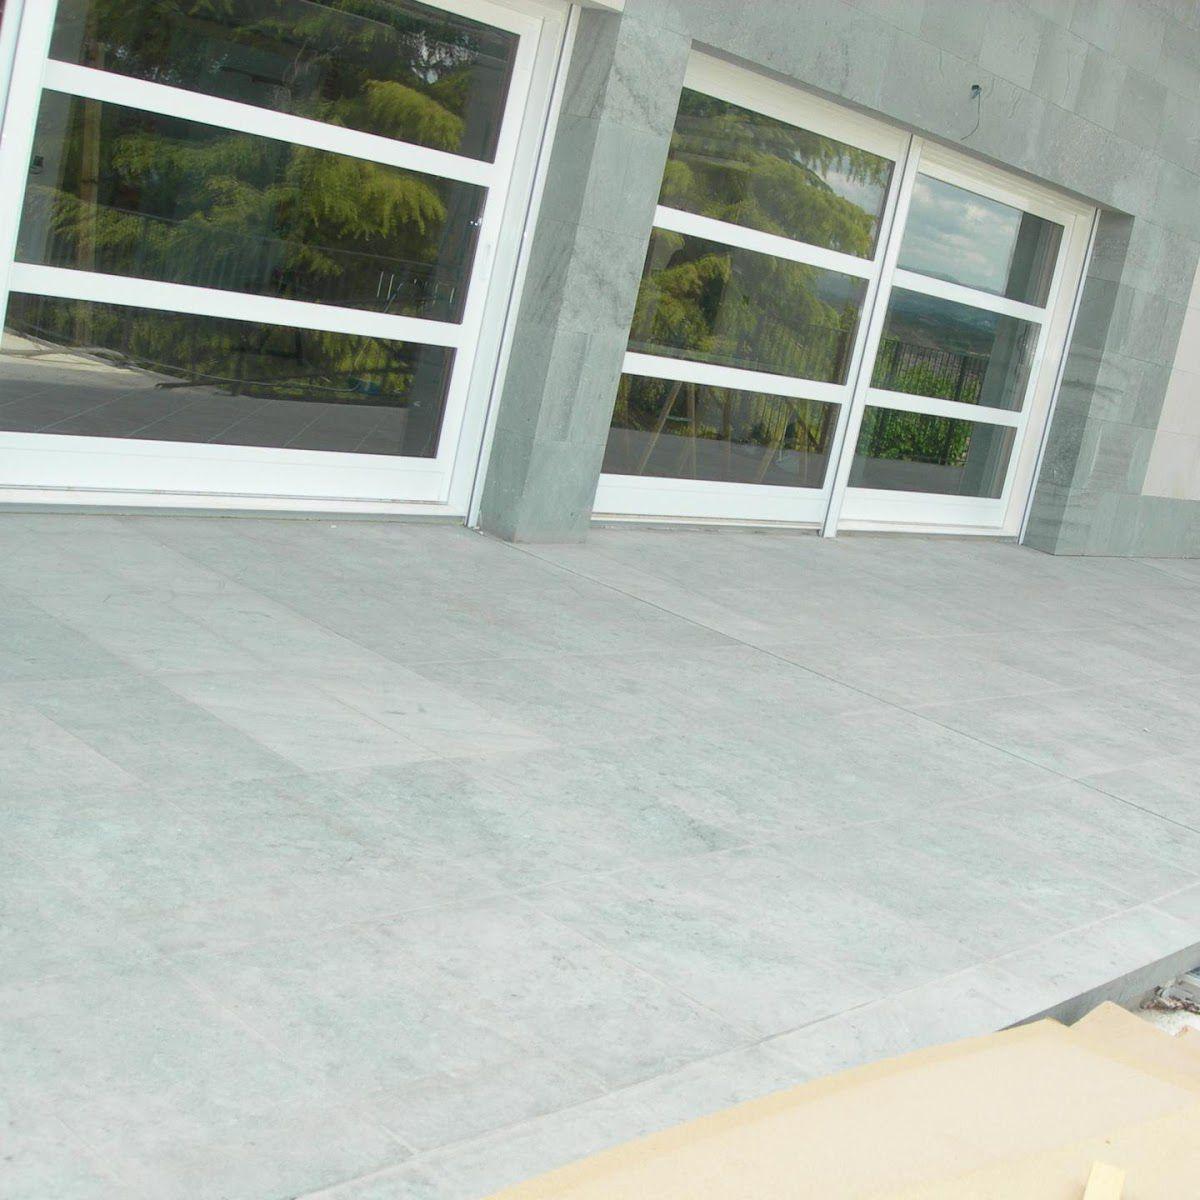 Rutschfeste Fliesen Außenbereich Für Fußböden Aus Sandstein - Rutschfeste fliesen für den aussenbereich